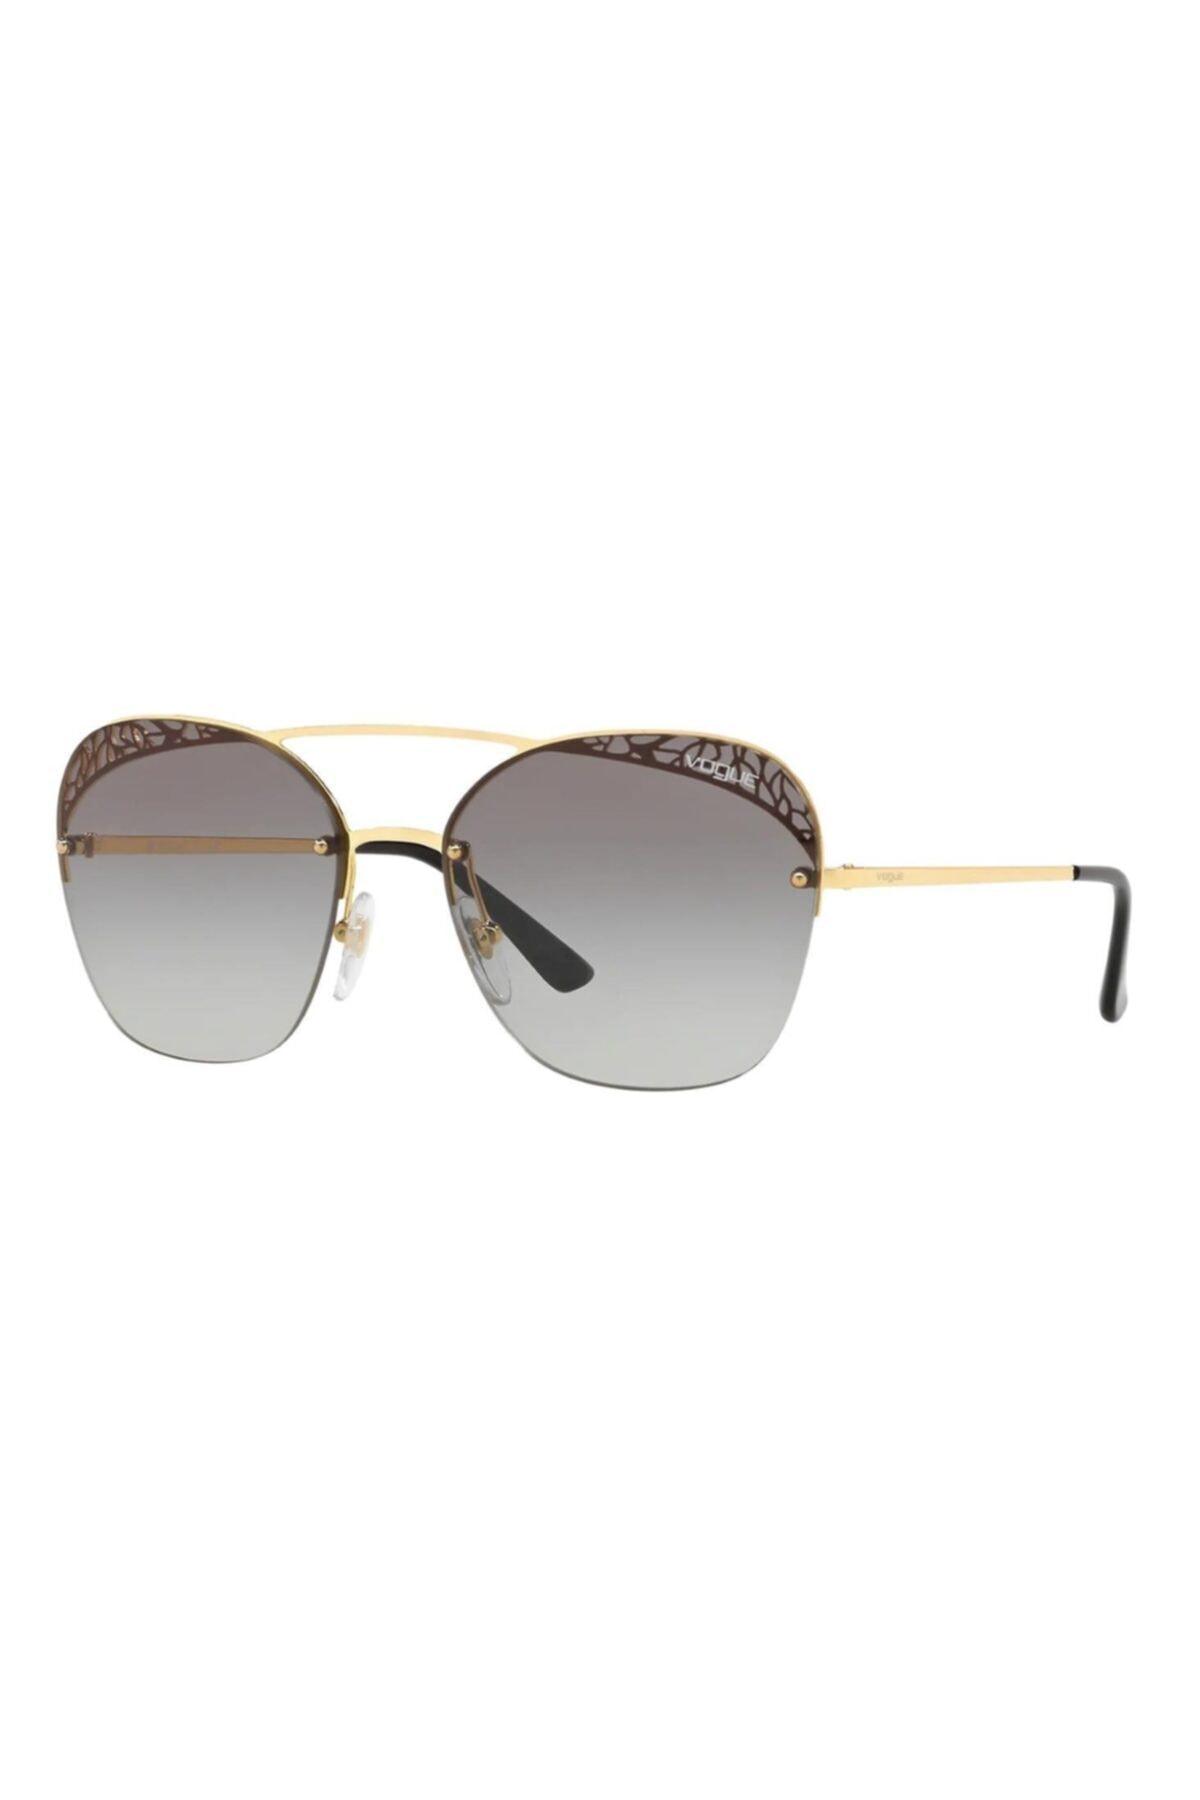 سفارش عینک آفتابی زمستانی زنانه برند Vogue رنگ طلایی ty4780351